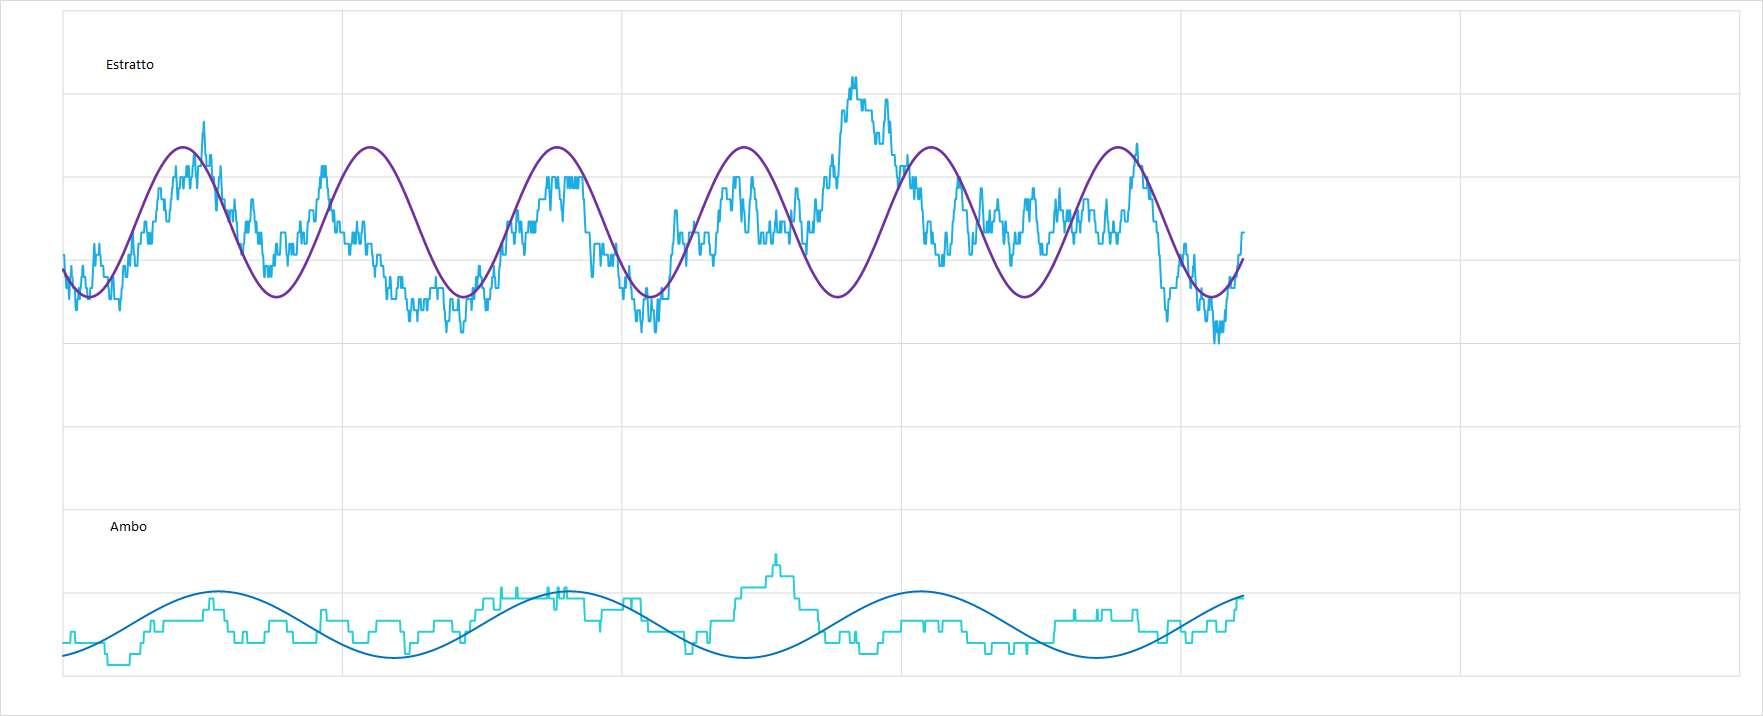 Ipotetico andamento sinusoidale interpolante per le medie dell'estratto e dell'ambo - Aggiornato all'estrazione precedente il 27 Febbraio 2021